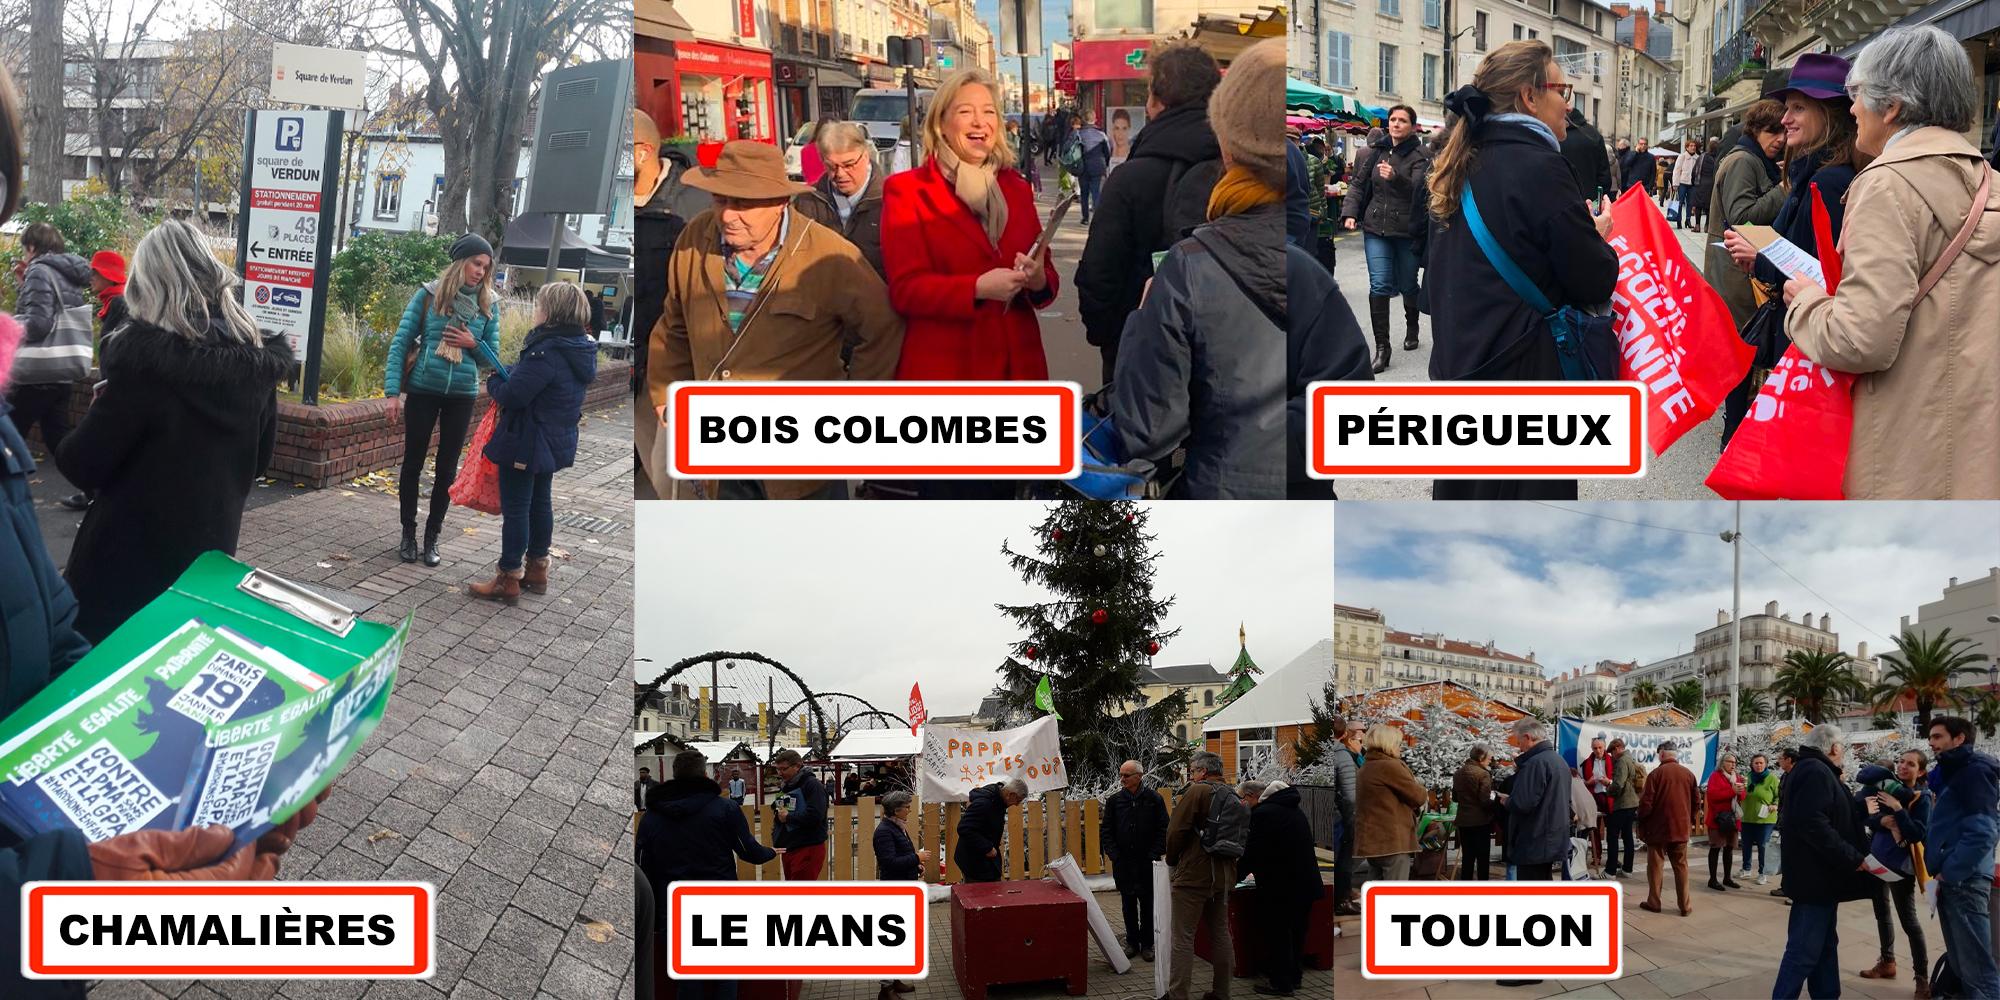 Image - AFP – Les anti-PMA tentent de mobiliser avec tracts et pétition dans plusieurs villes